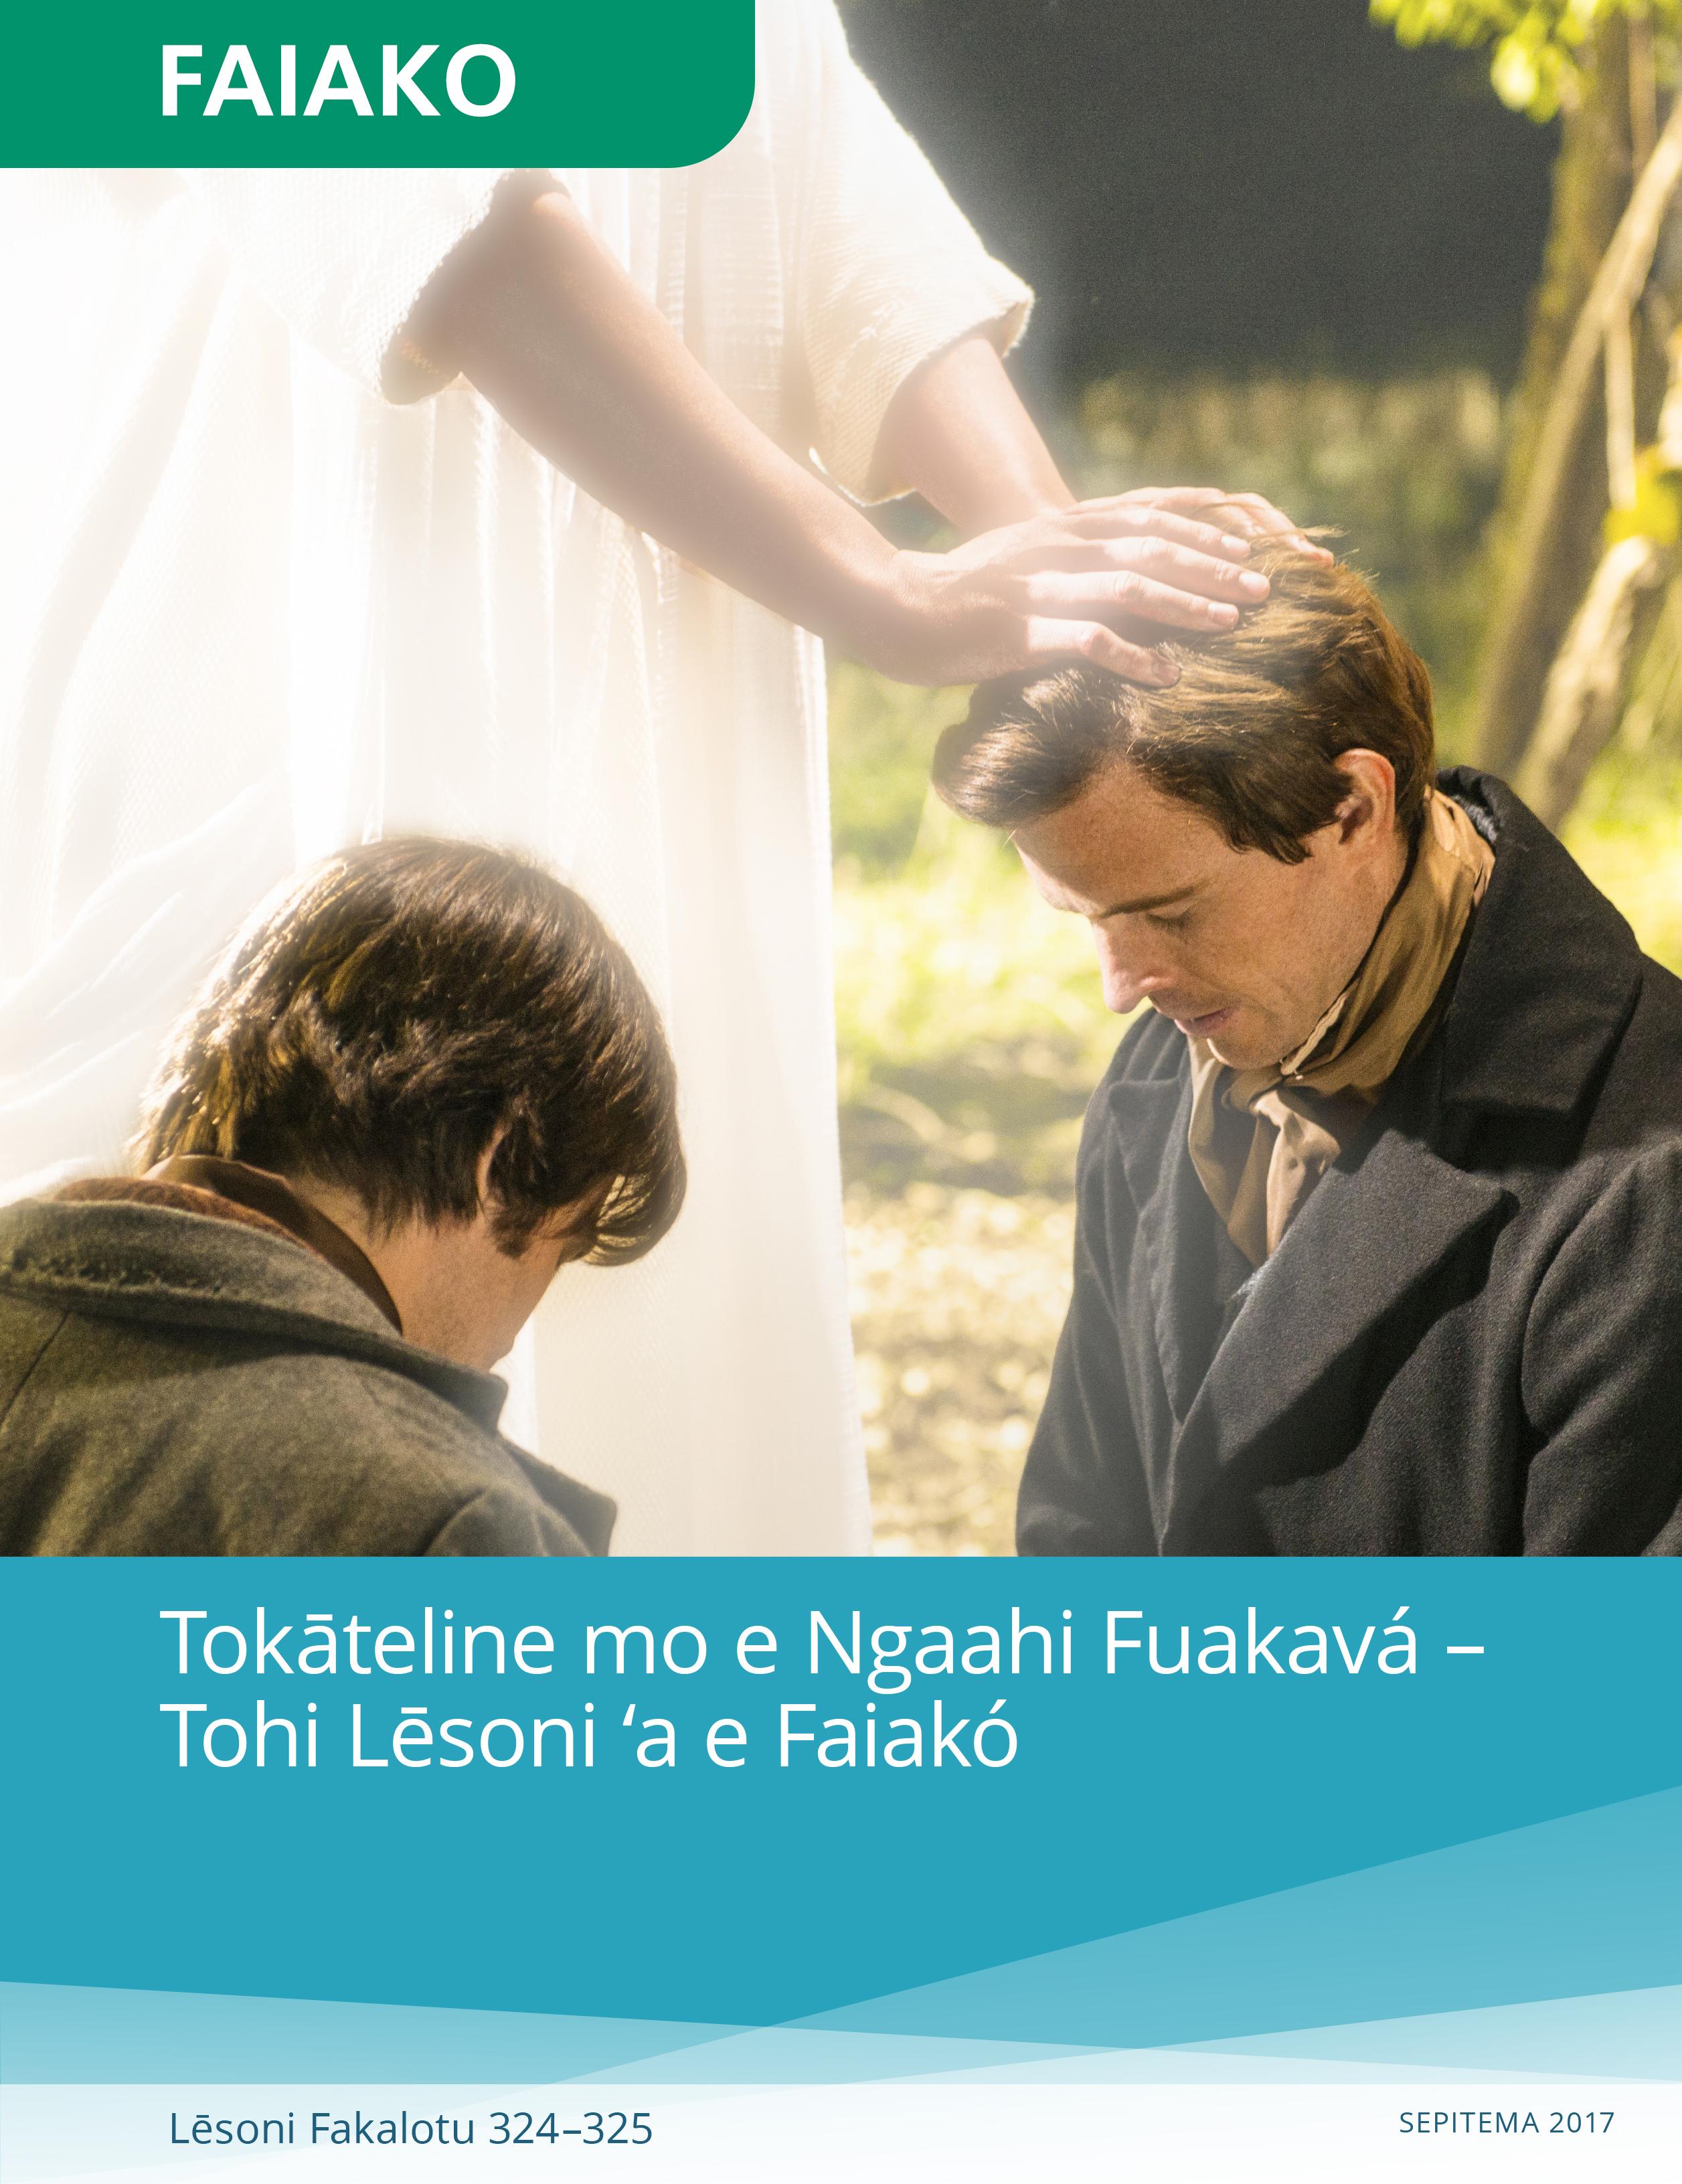 Tokāteline mo e Ngaahi Fuakavá – Tohi Lēsoni ʻa e Faiakó